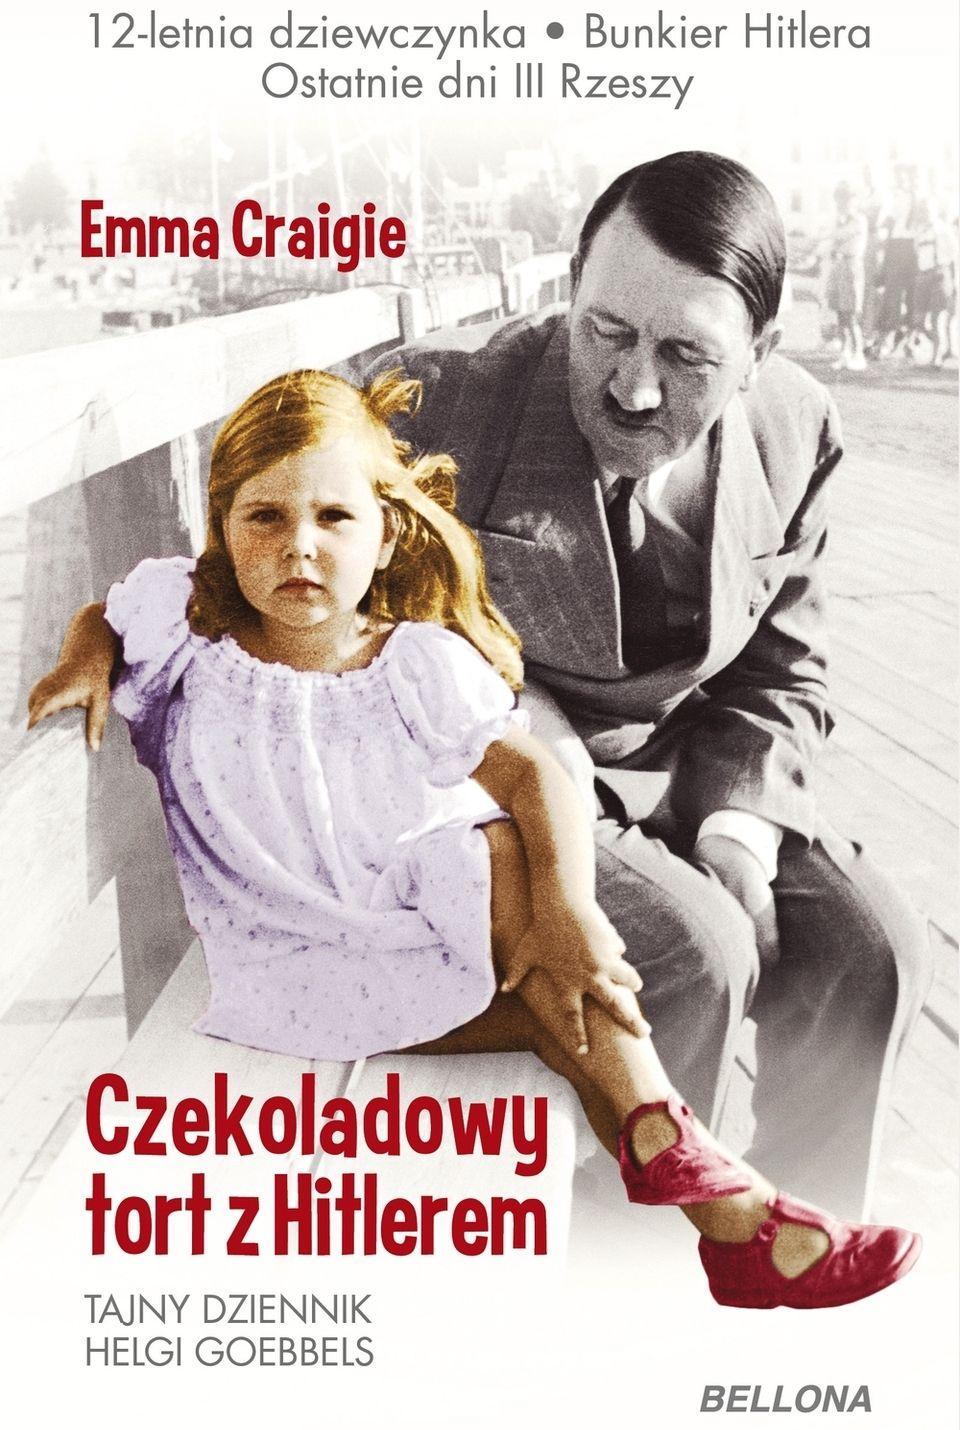 """Inspiracją do napisania artykułu była książka ,,Czekoladowy tort z Hitlerem"""" (Wydawnictwo Bellona 2017)."""